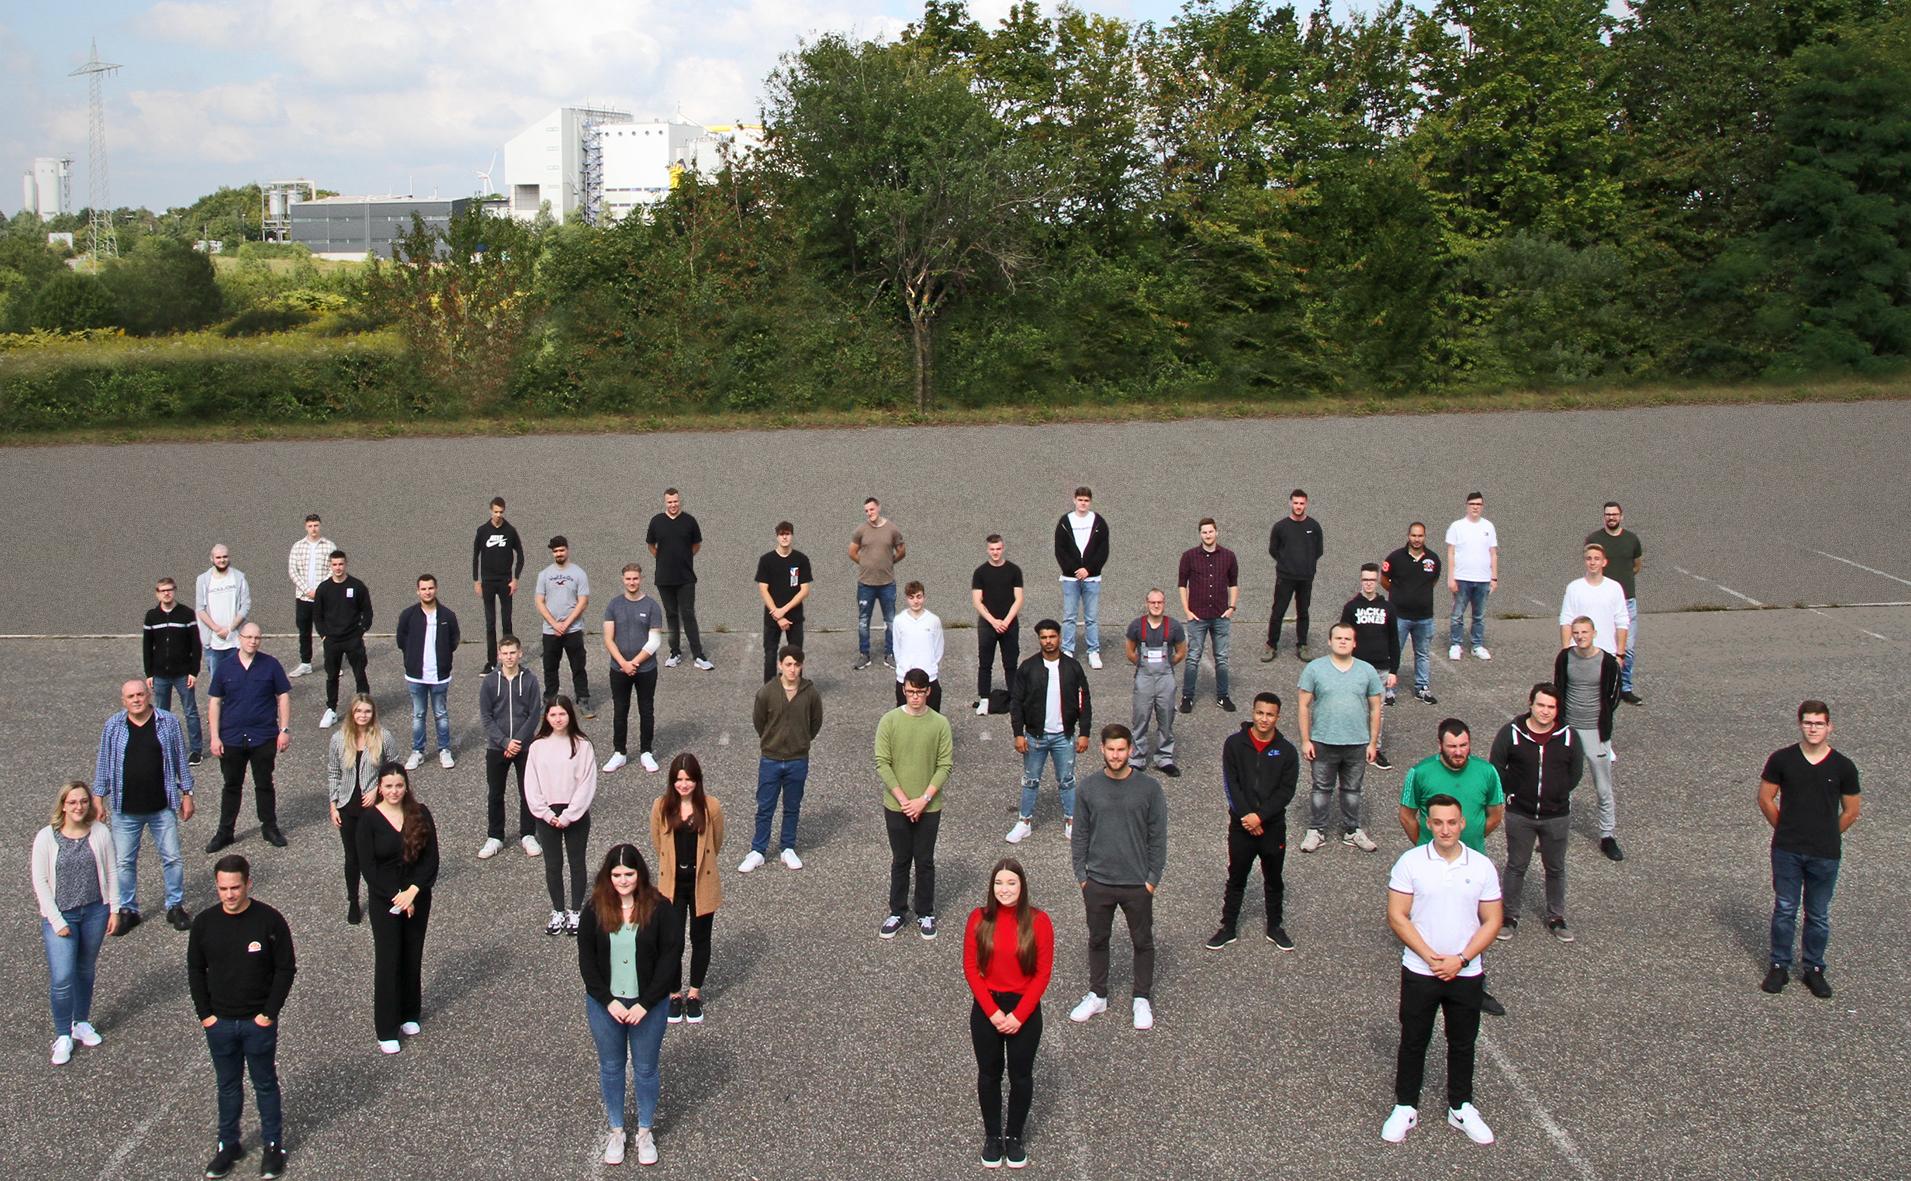 Gruppenbild der neuen Azubis und dualen Studenten in Pirmasens.